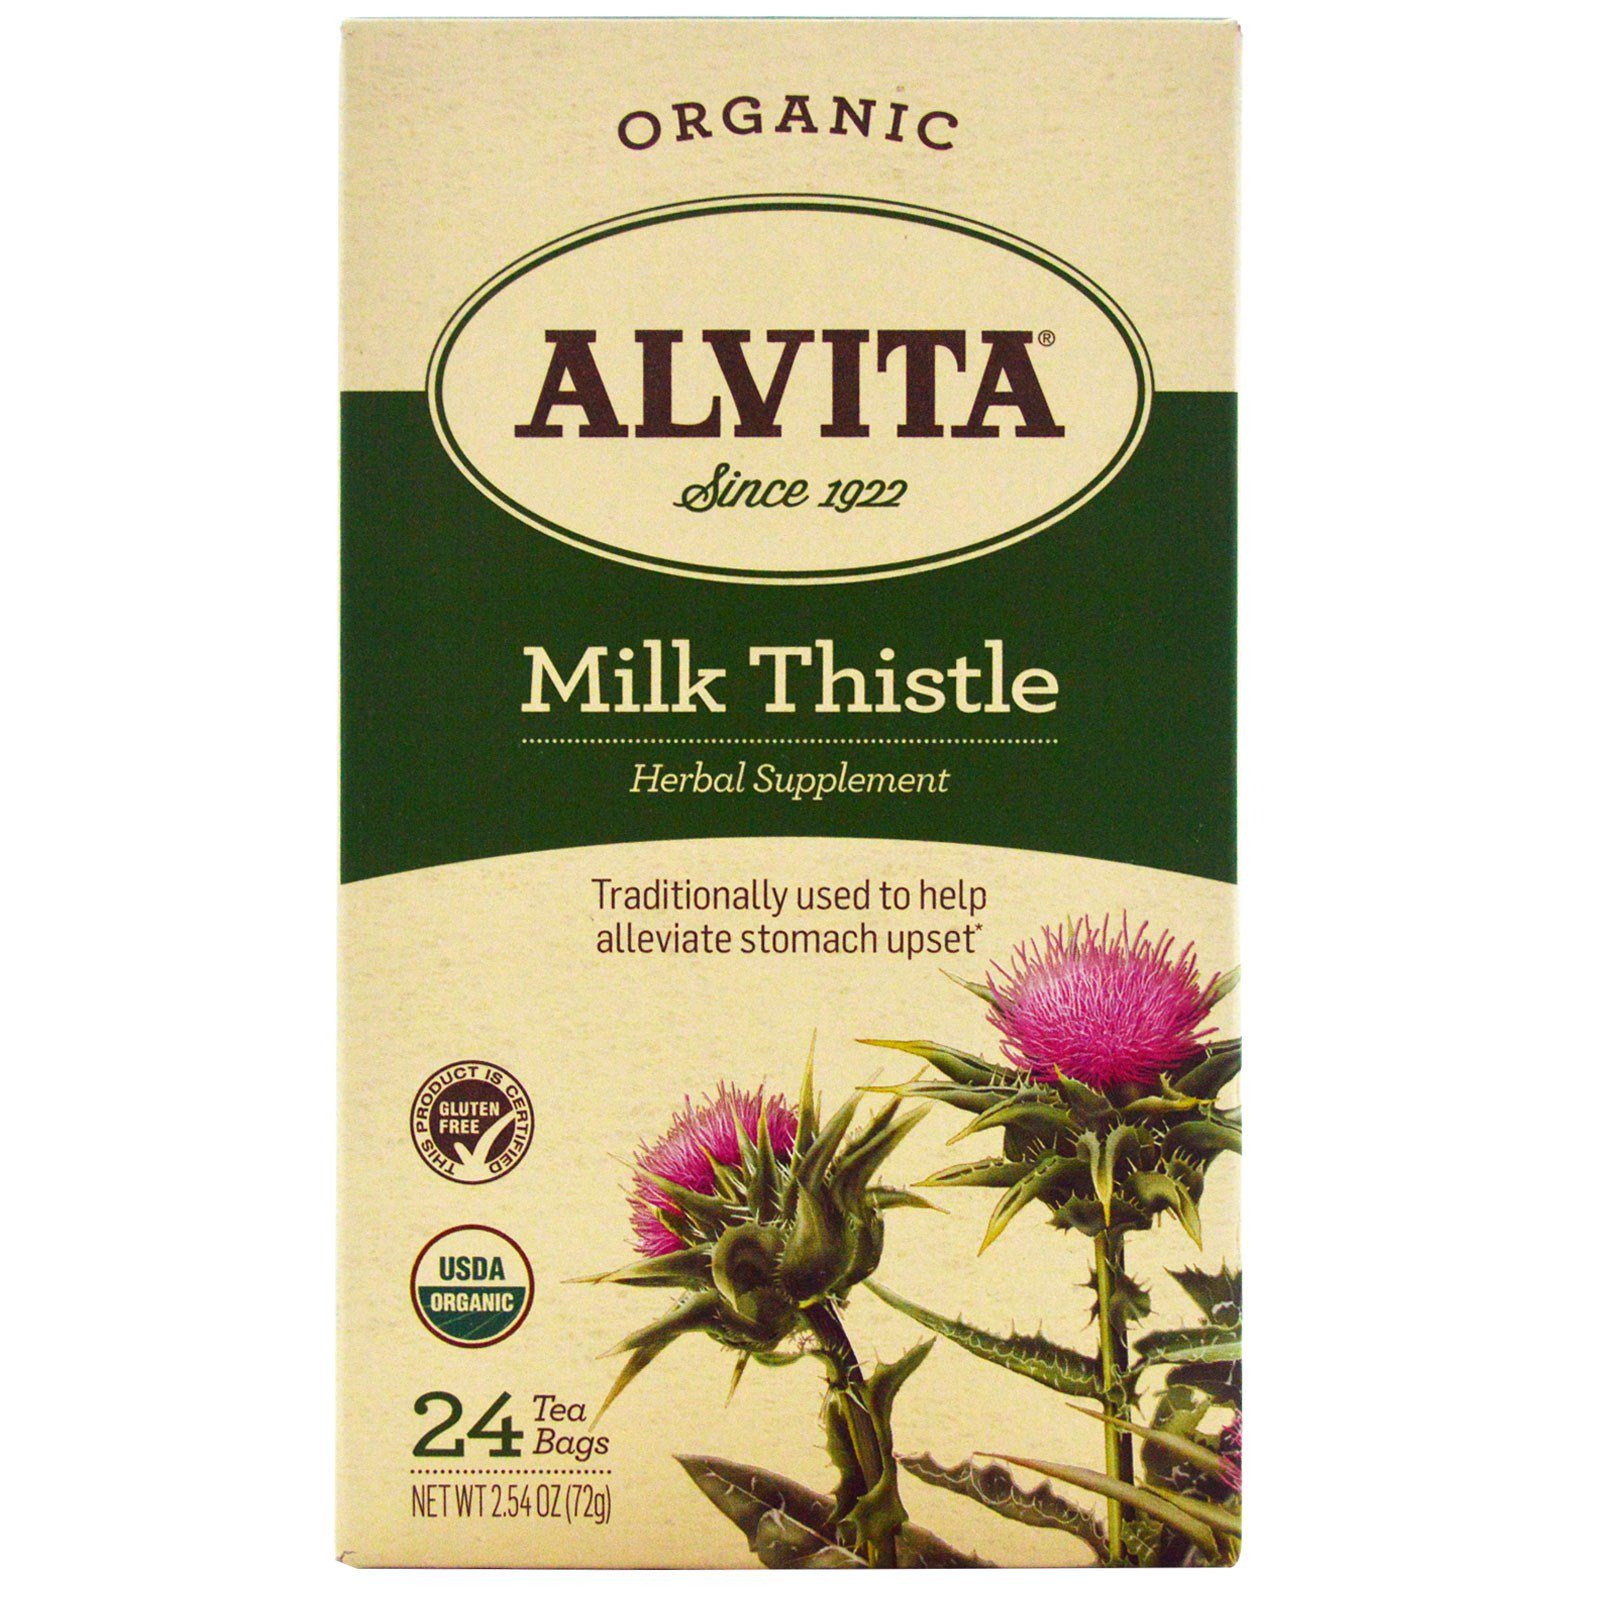 Alvita Teas, Organic, чай из расторопши, без кофеина, 24 чайных пакетика по 1,69 унции (48 г) каждый